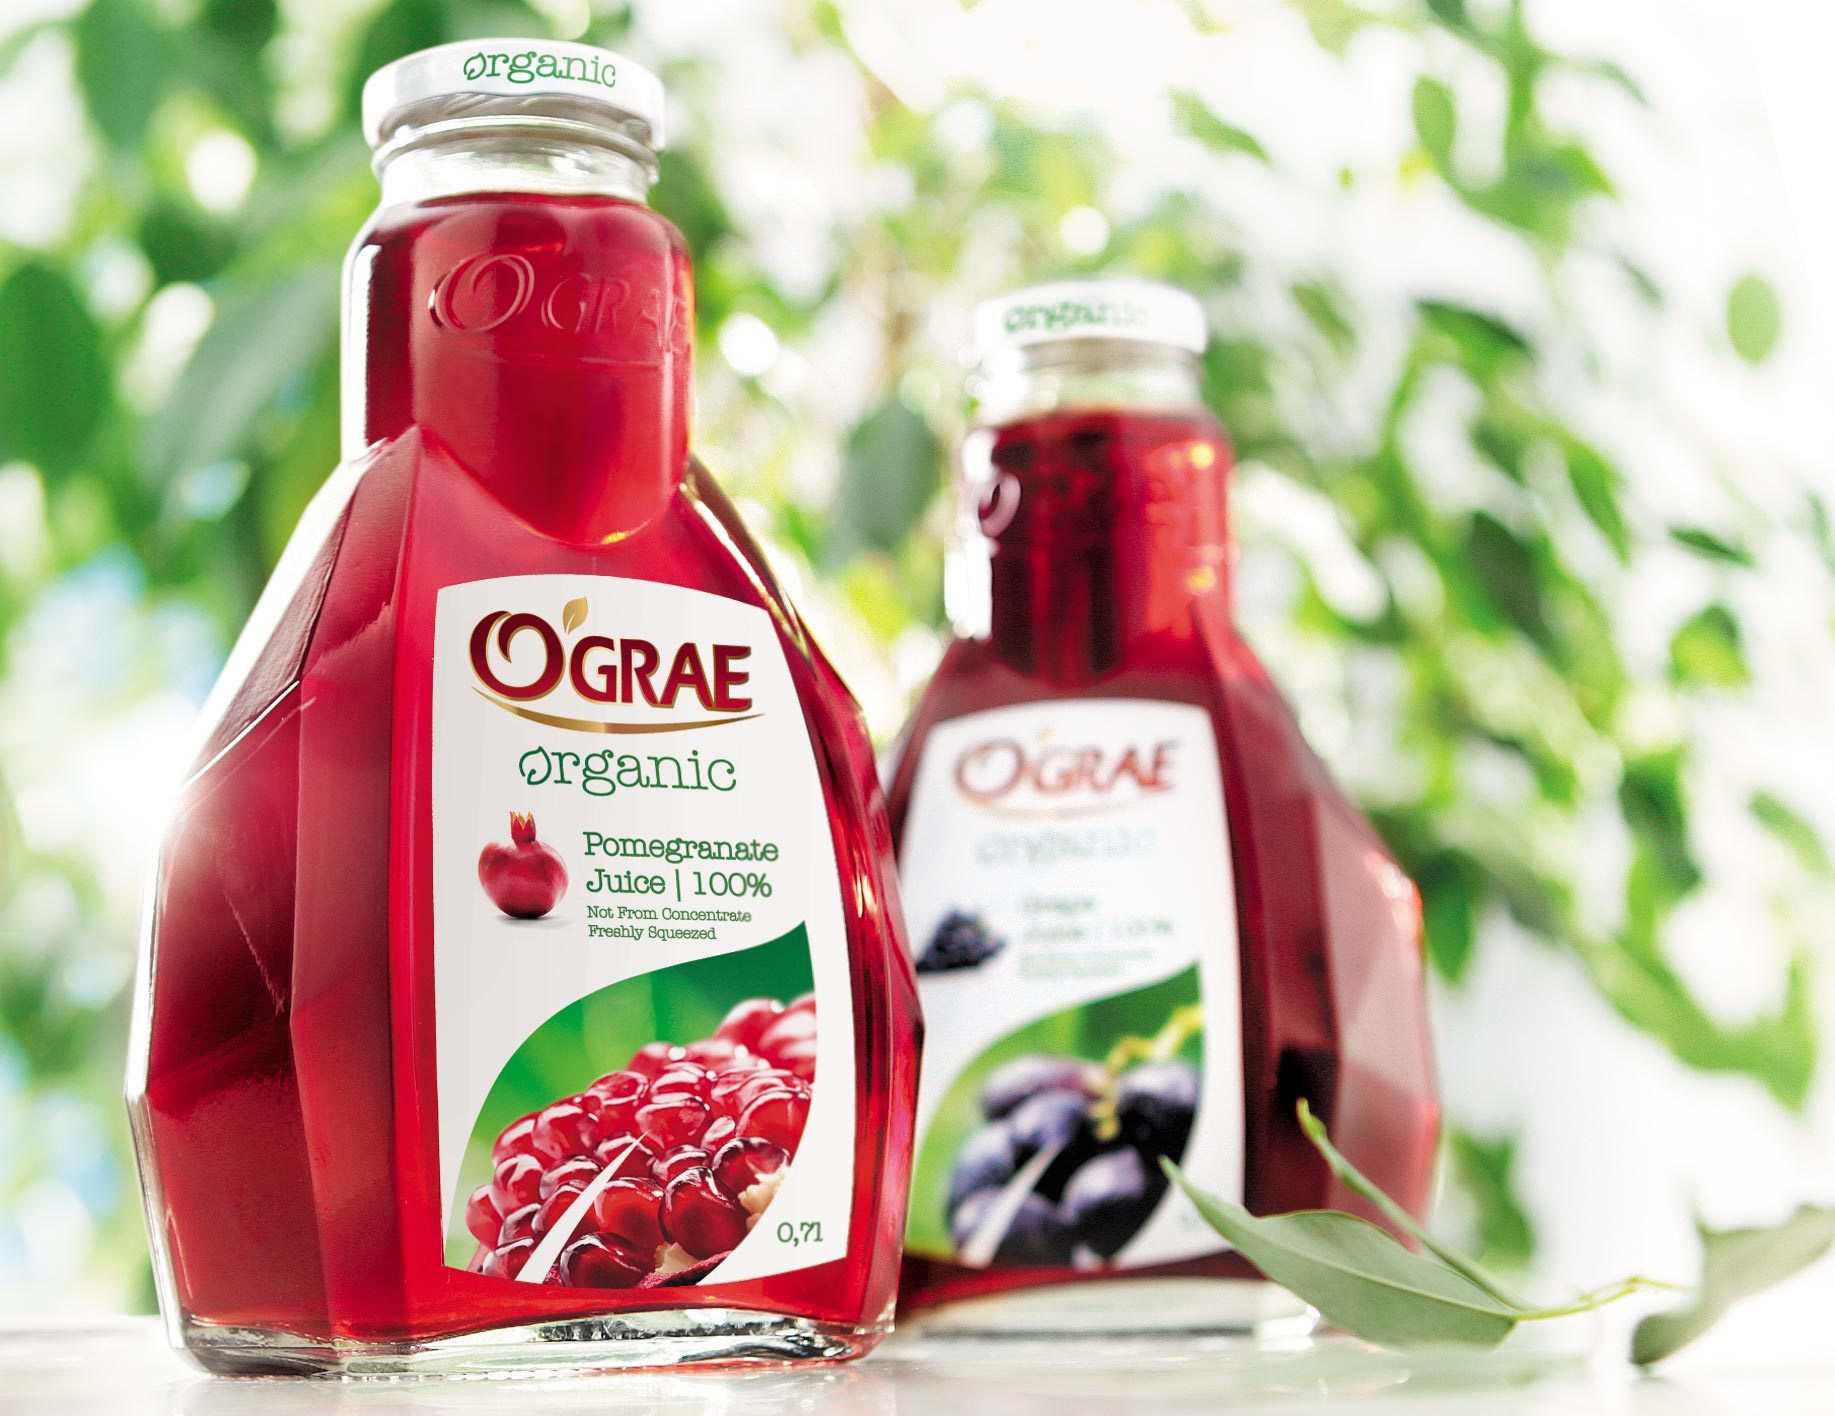 Дизайн упаковки в Москве - органический 100% натуральный гранатовый сок